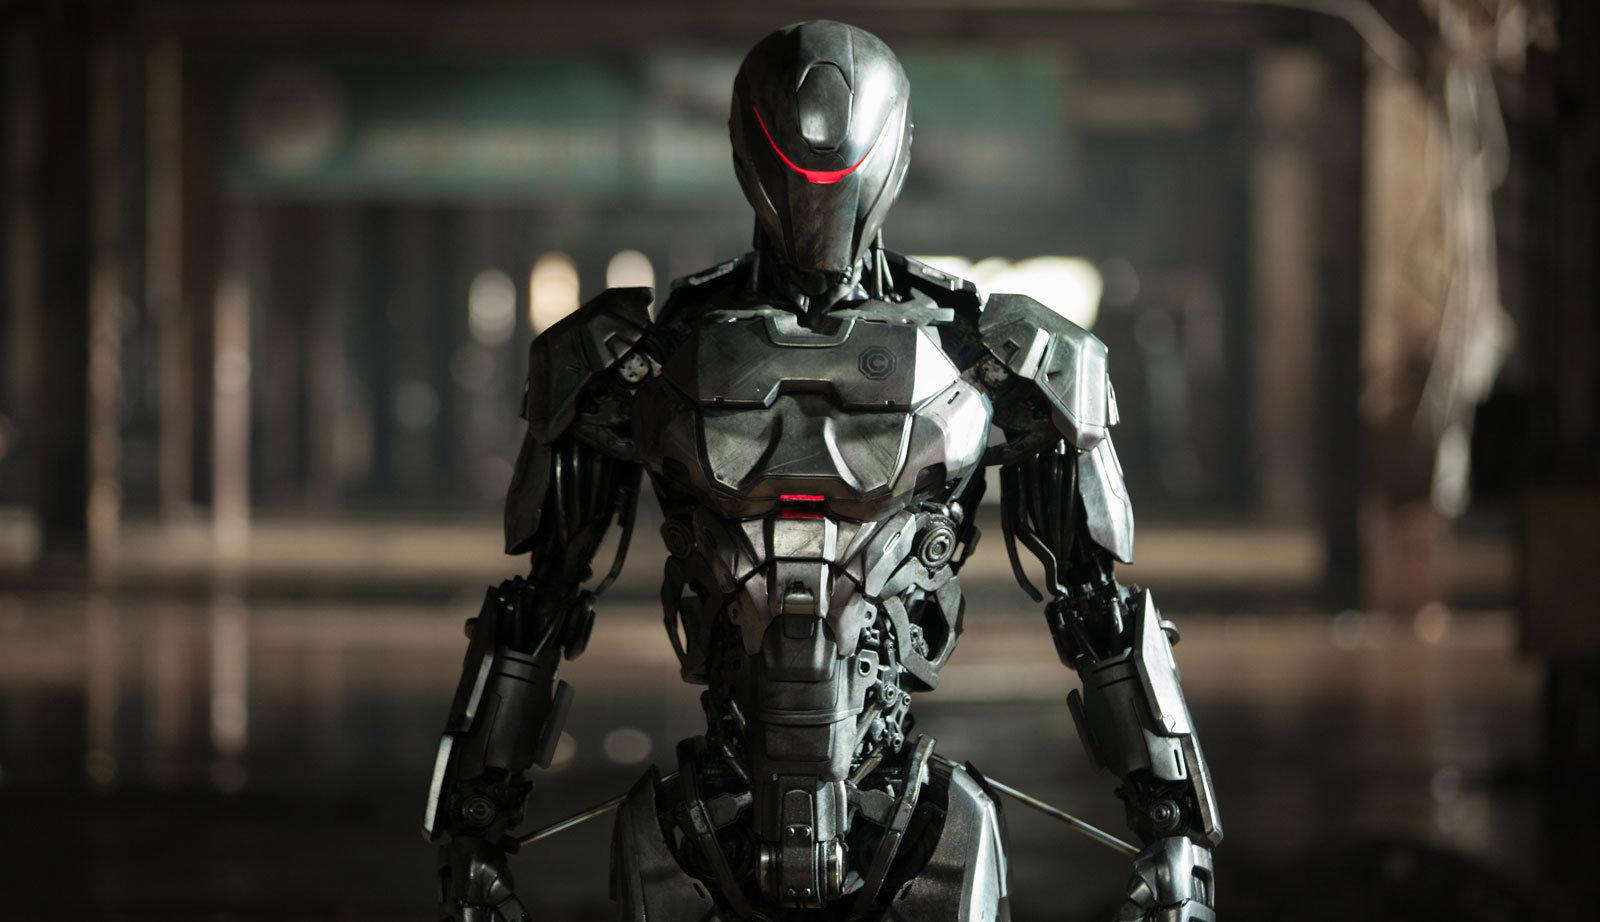 Académicos de 30 países se oponen al desarrollo de robots asesinos en universidad surcoreana